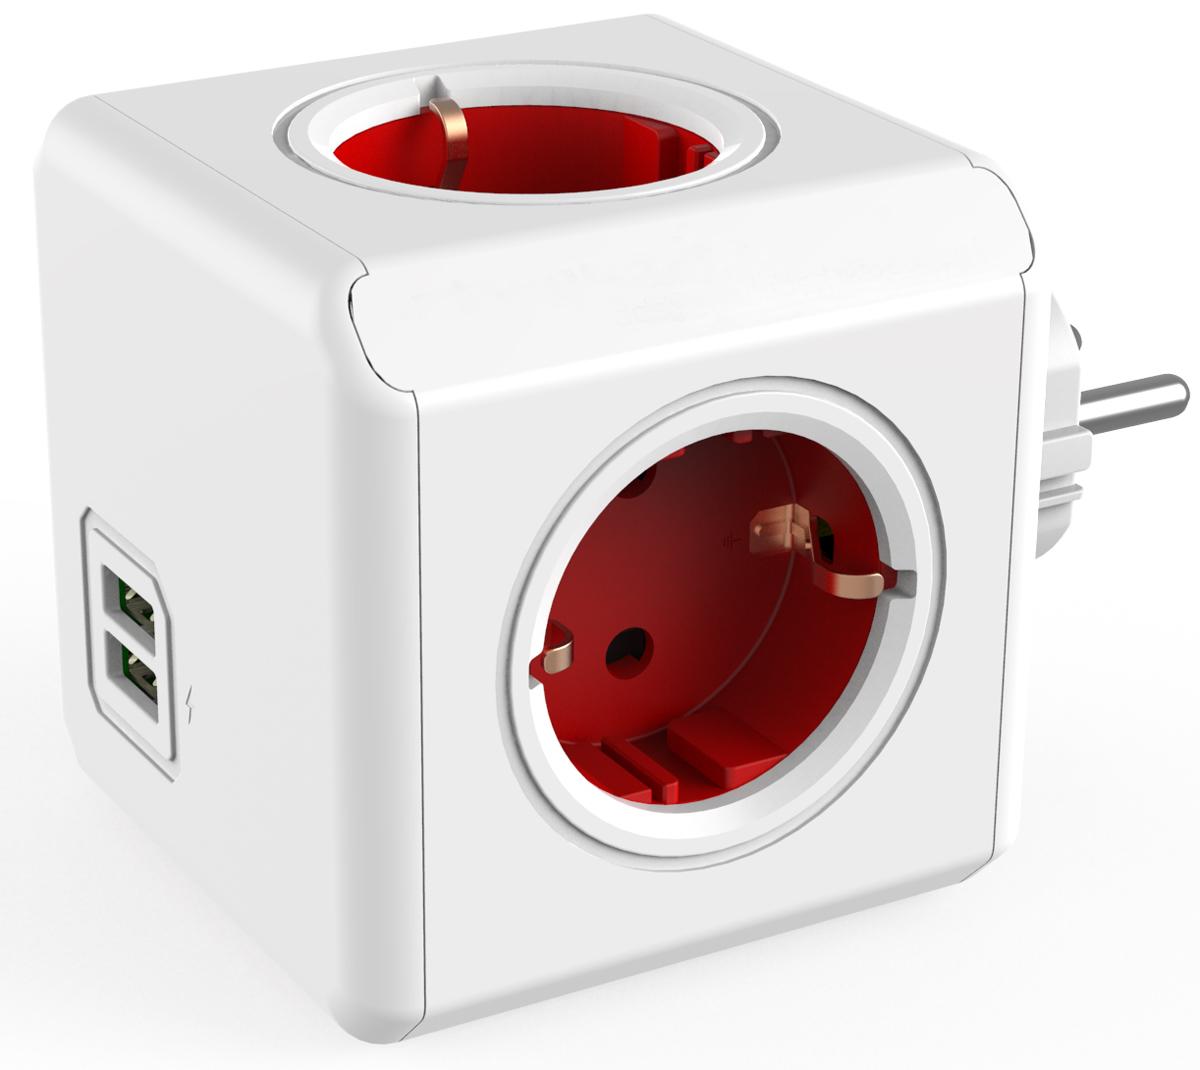 Allocacoc Original USB, Red сетевой разветвитель1202RD/DEOUPCРазветвитель Allocacoc Original USB содержит USB-порт, что позволяет заряжать широкий спектр устройств.Находясь в офисе, дома, на совещании или еще где-нибудь, бывает трудно найти свободную розетку для зарядки ноутбука или мобильного телефона. Allocacoc Original USB решил эту проблему: количество розеток можно расширить, что позволит монтировать индивидуальный источник питания в пределах досягаемости.